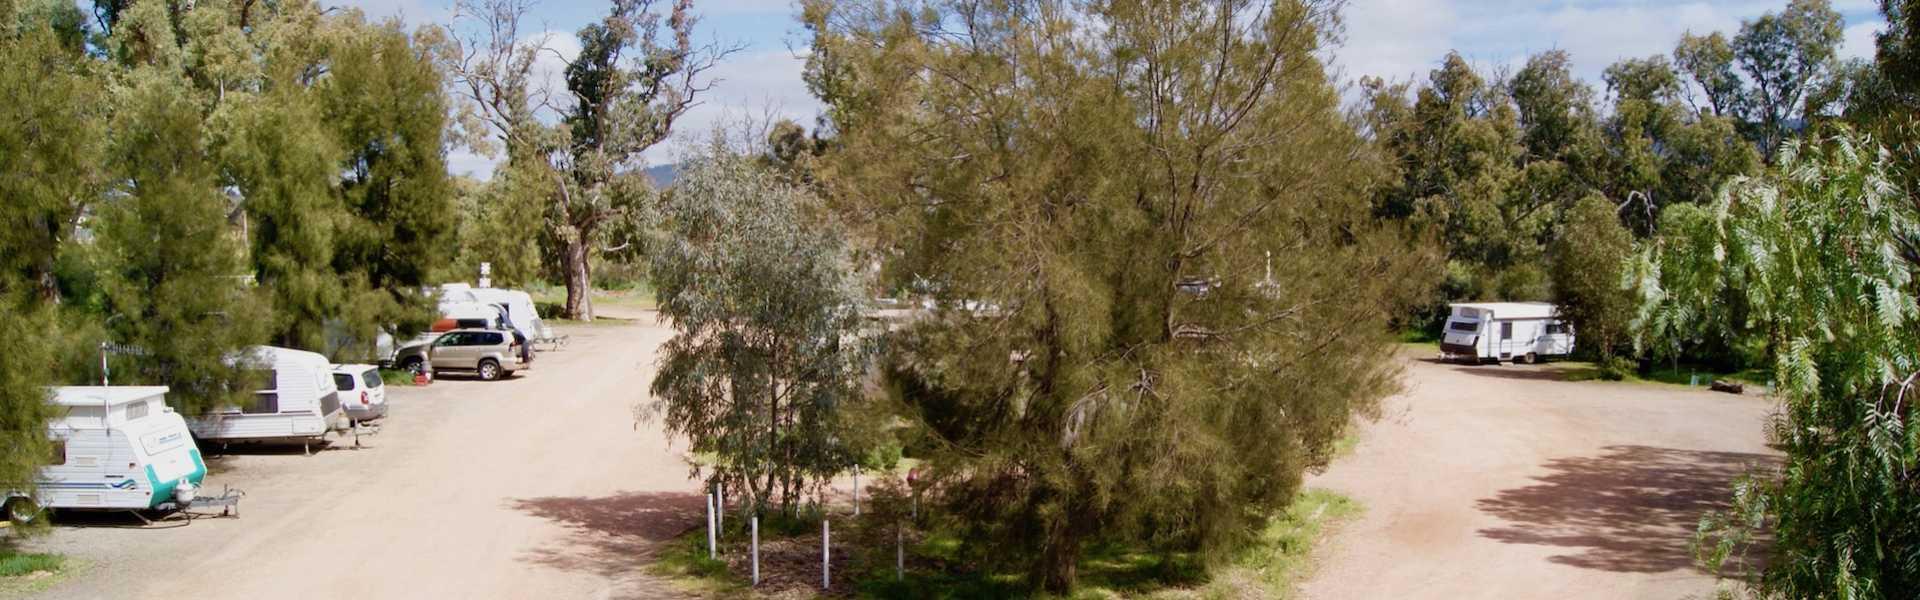 Quorn Caravan Park, Kui Parks, Sites